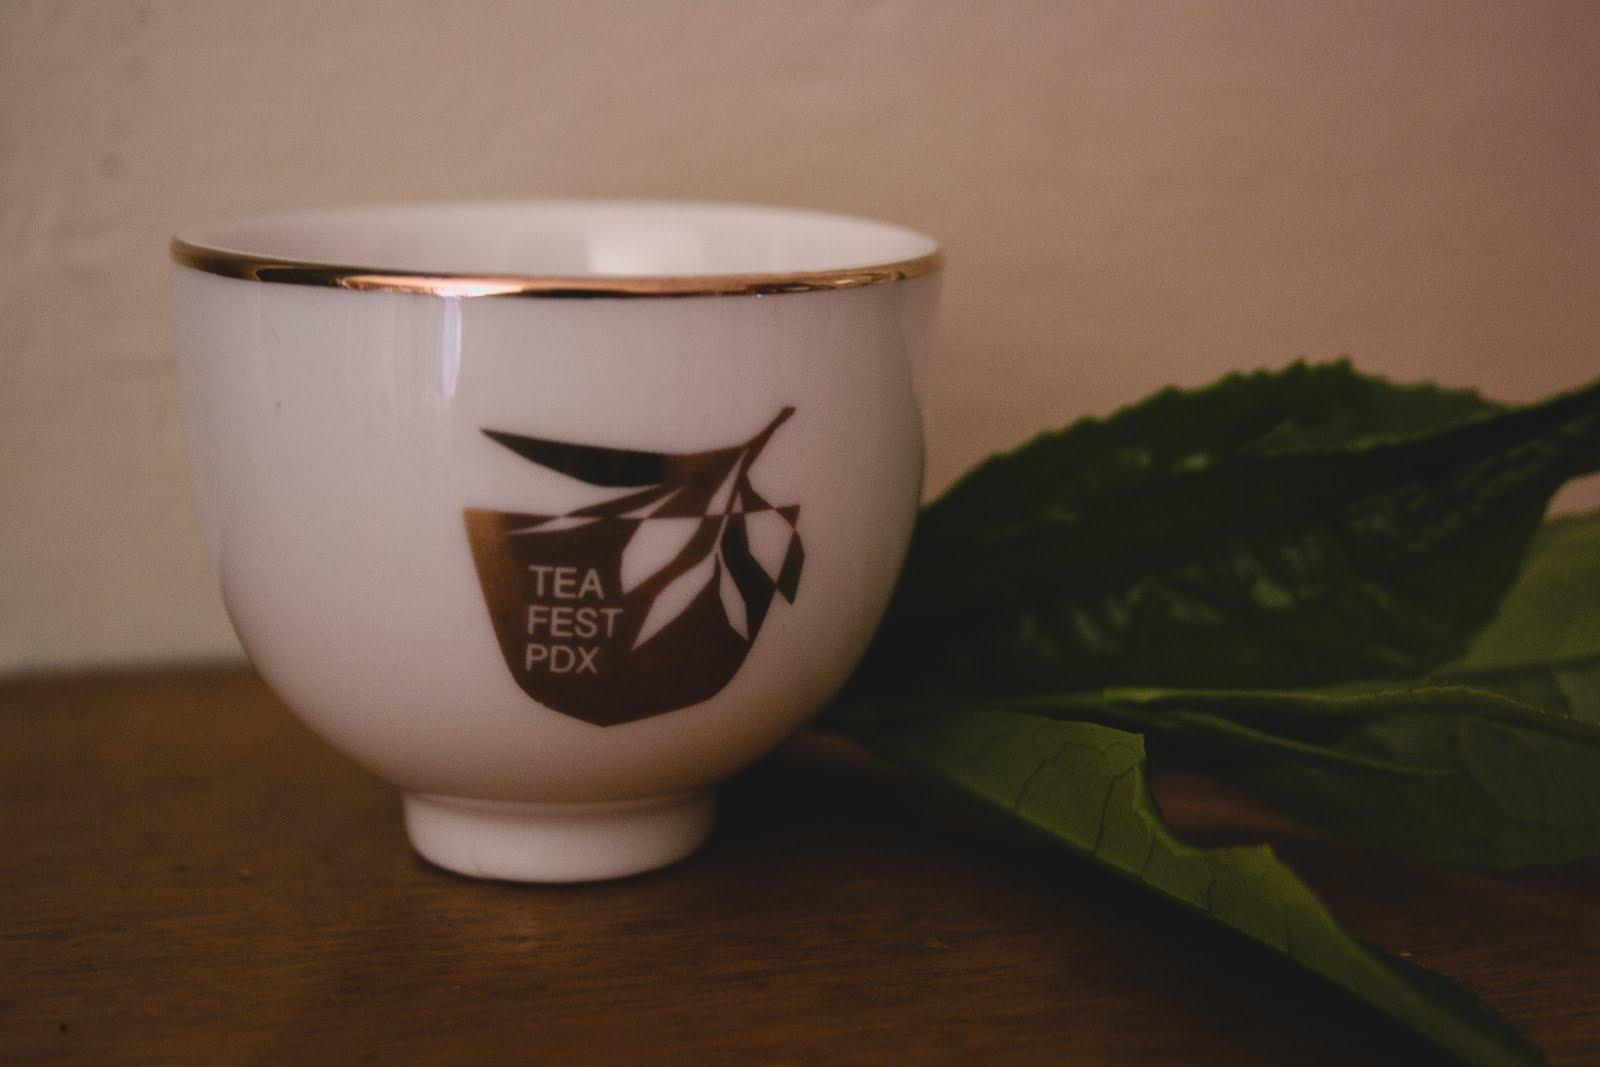 TeaFestPDX